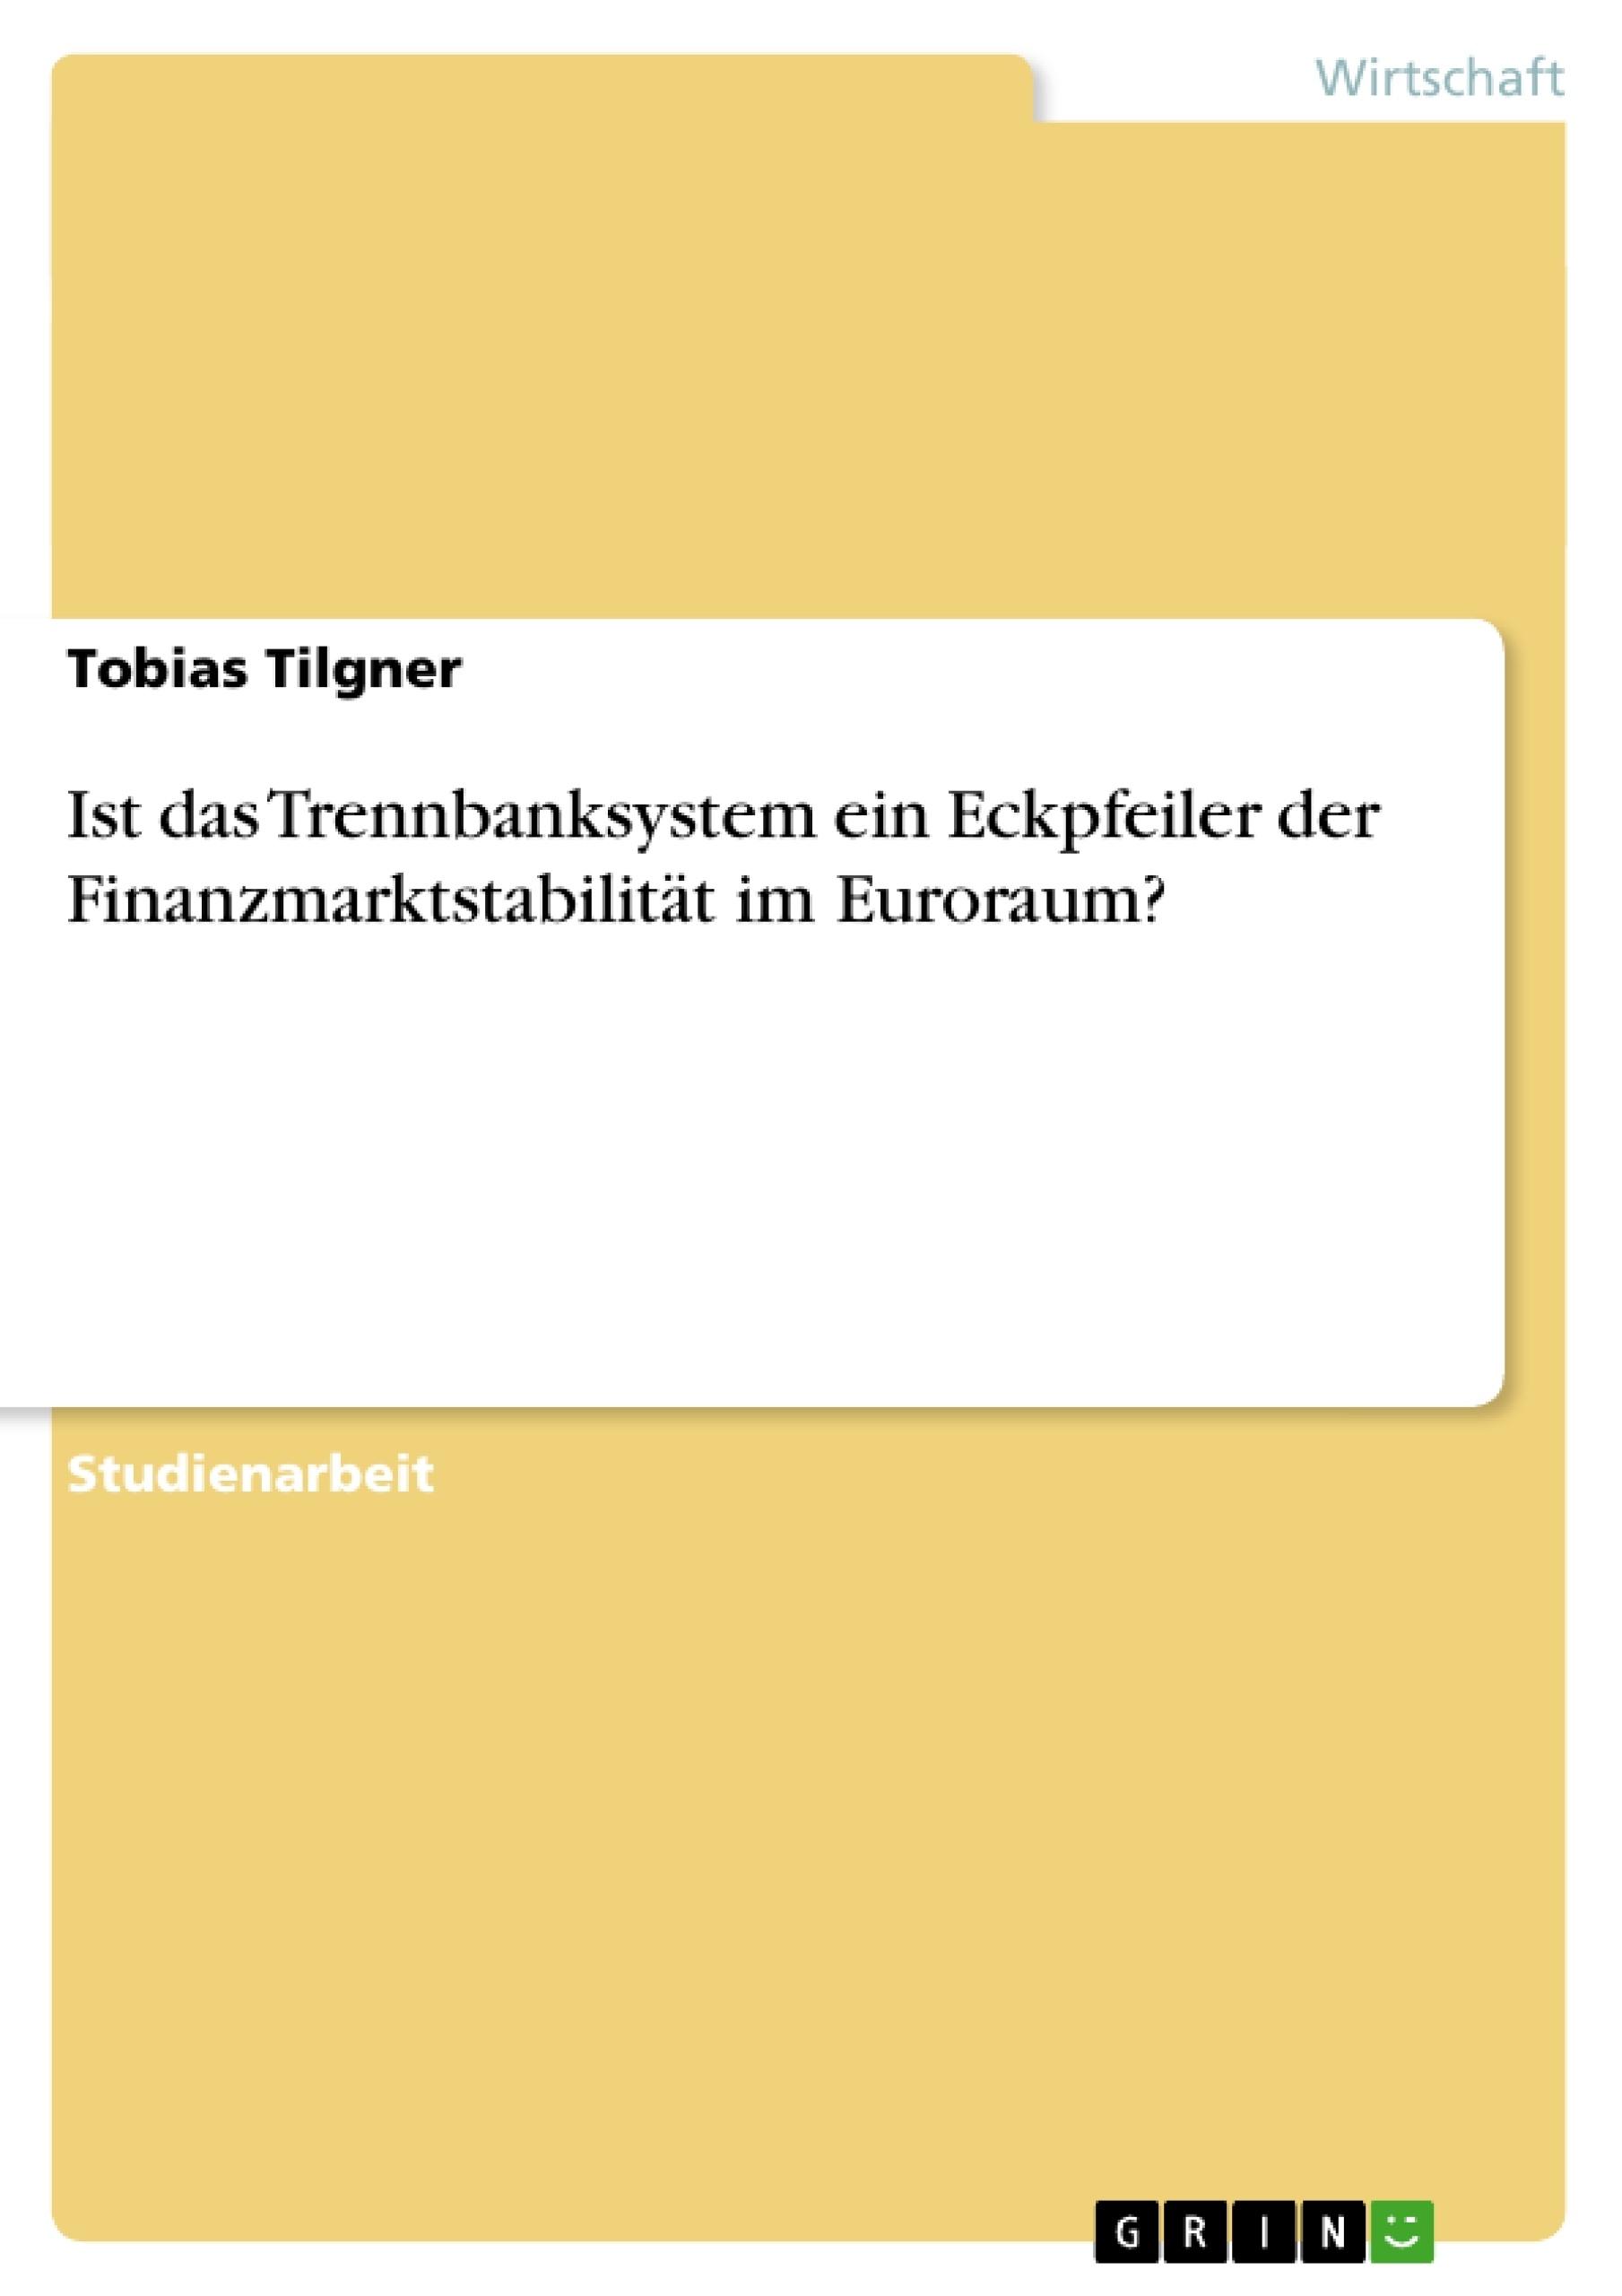 Titel: Ist das Trennbanksystem ein Eckpfeiler der Finanzmarktstabilität im Euroraum?